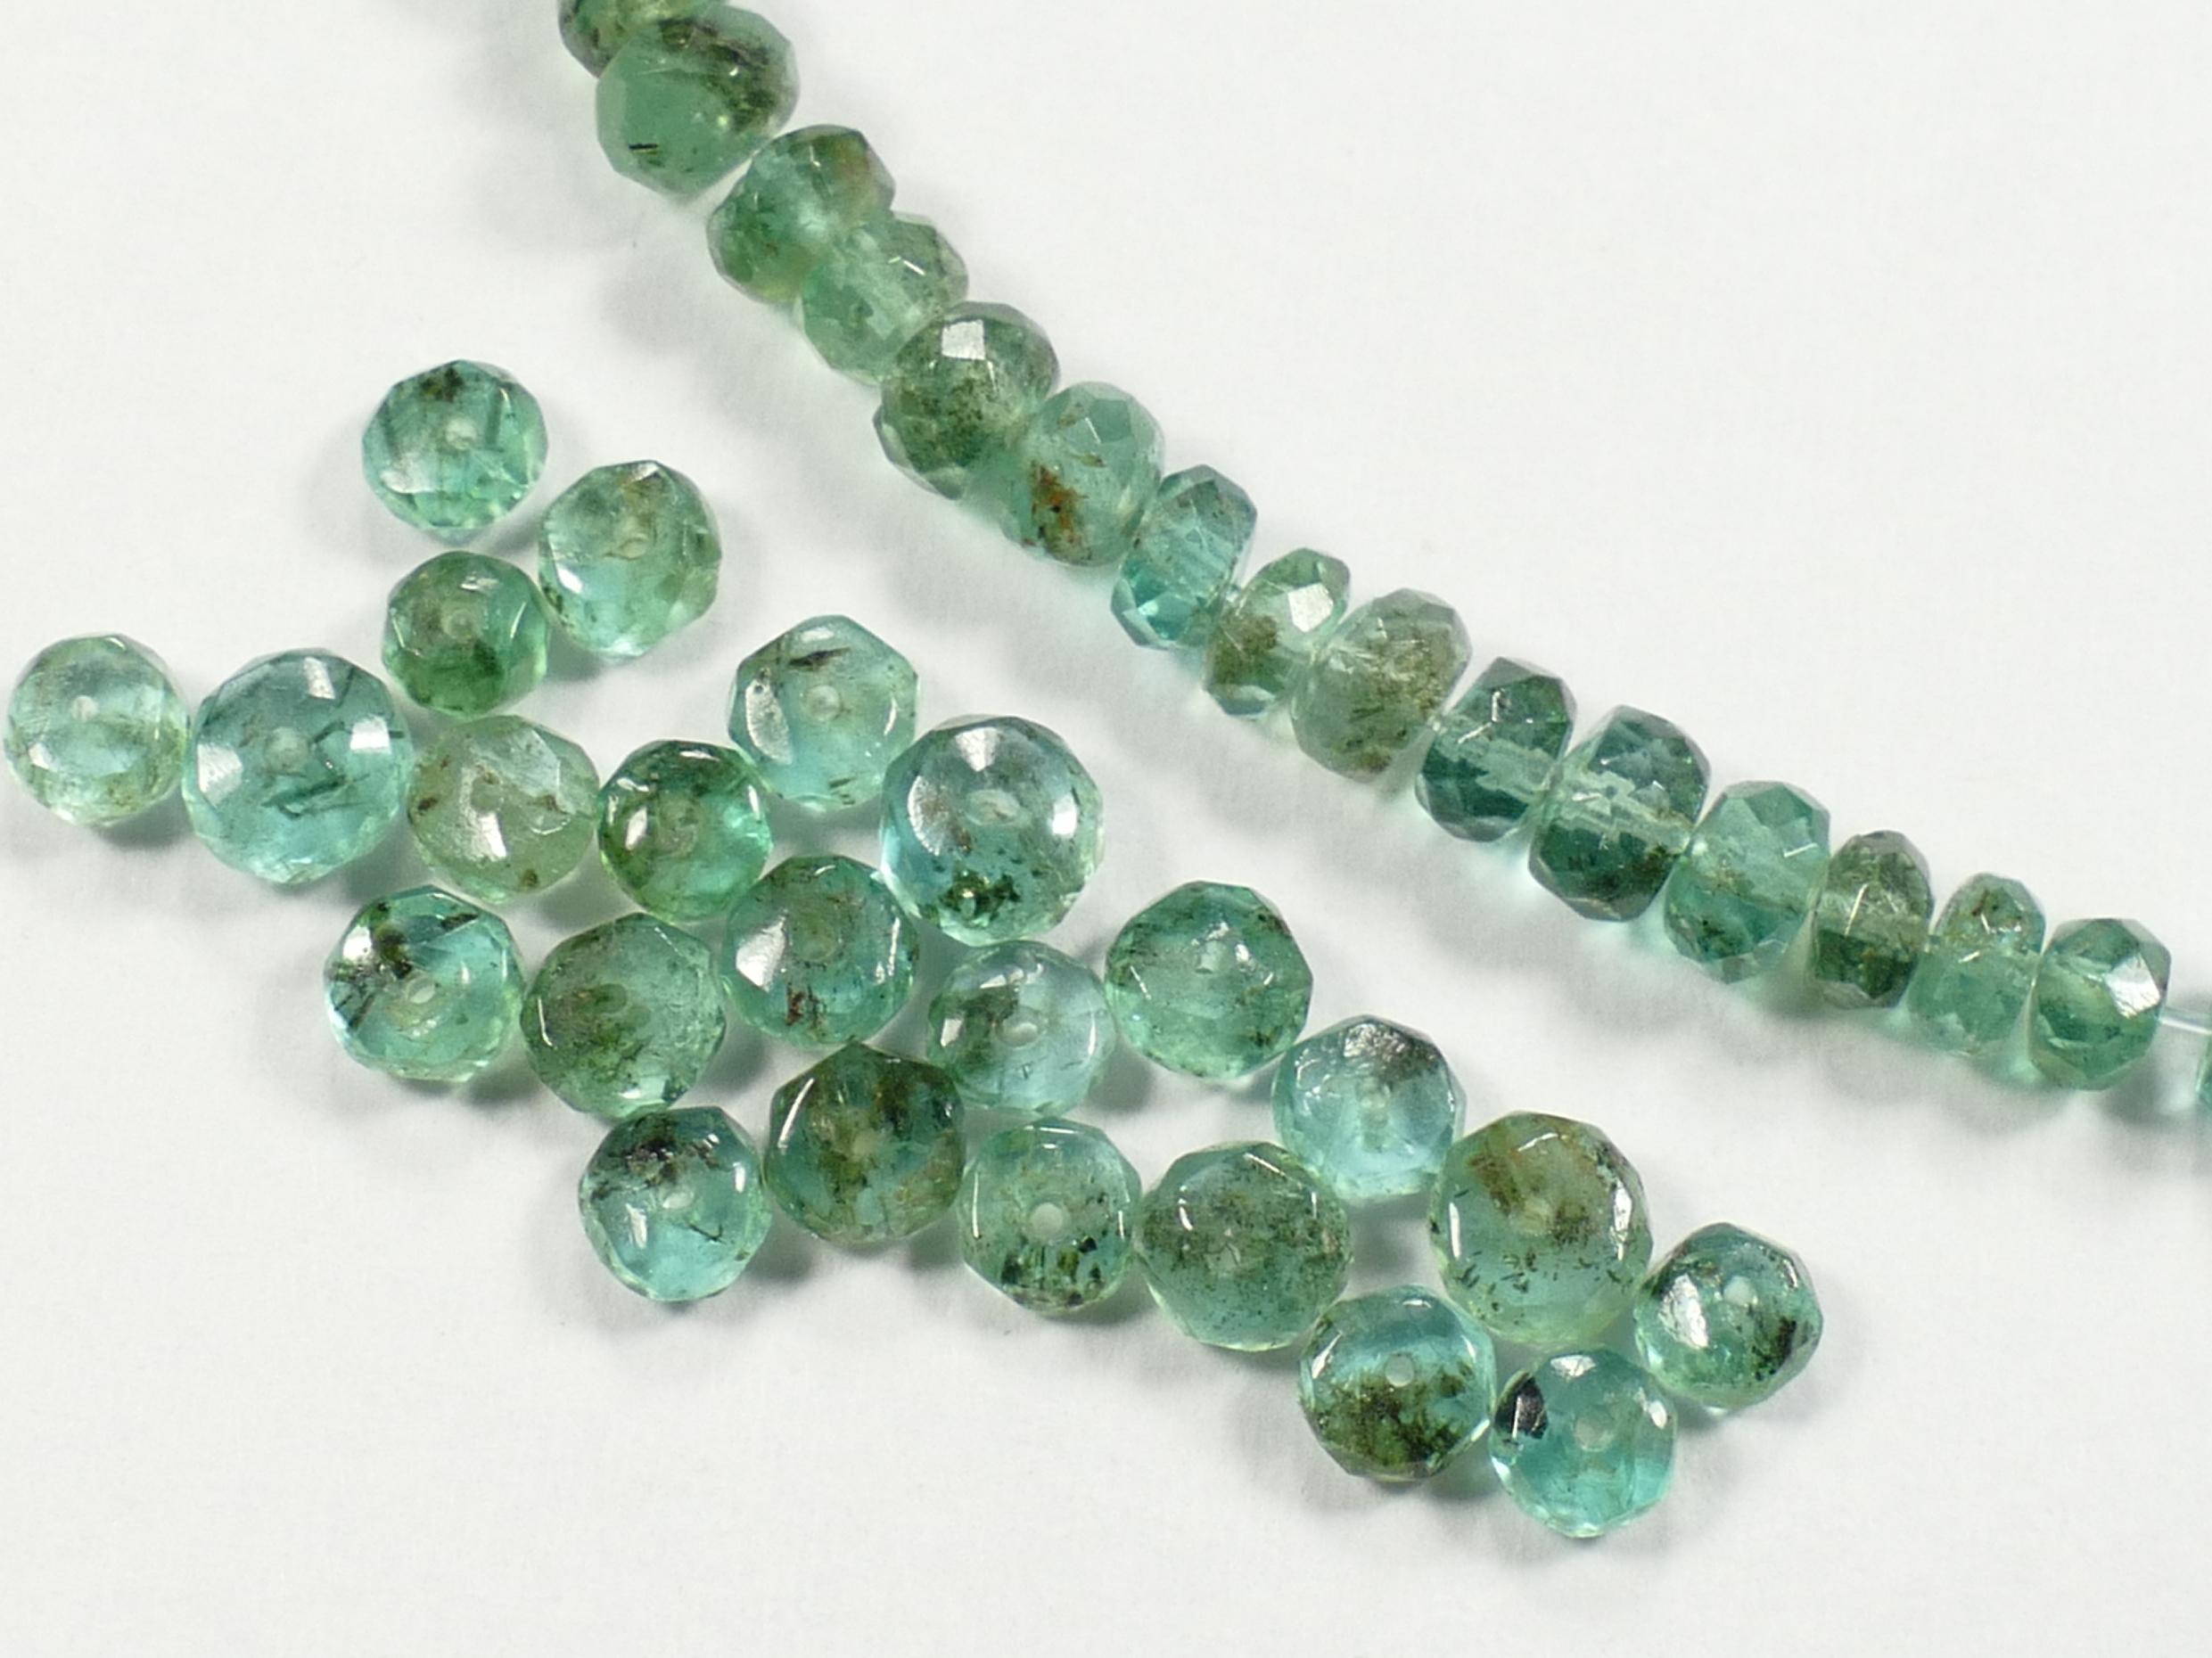 3/3.5mm Perle d\'Emeraude naturel en lot rondelle facettée de Zambie x5cm (2inch) (#AC139M)